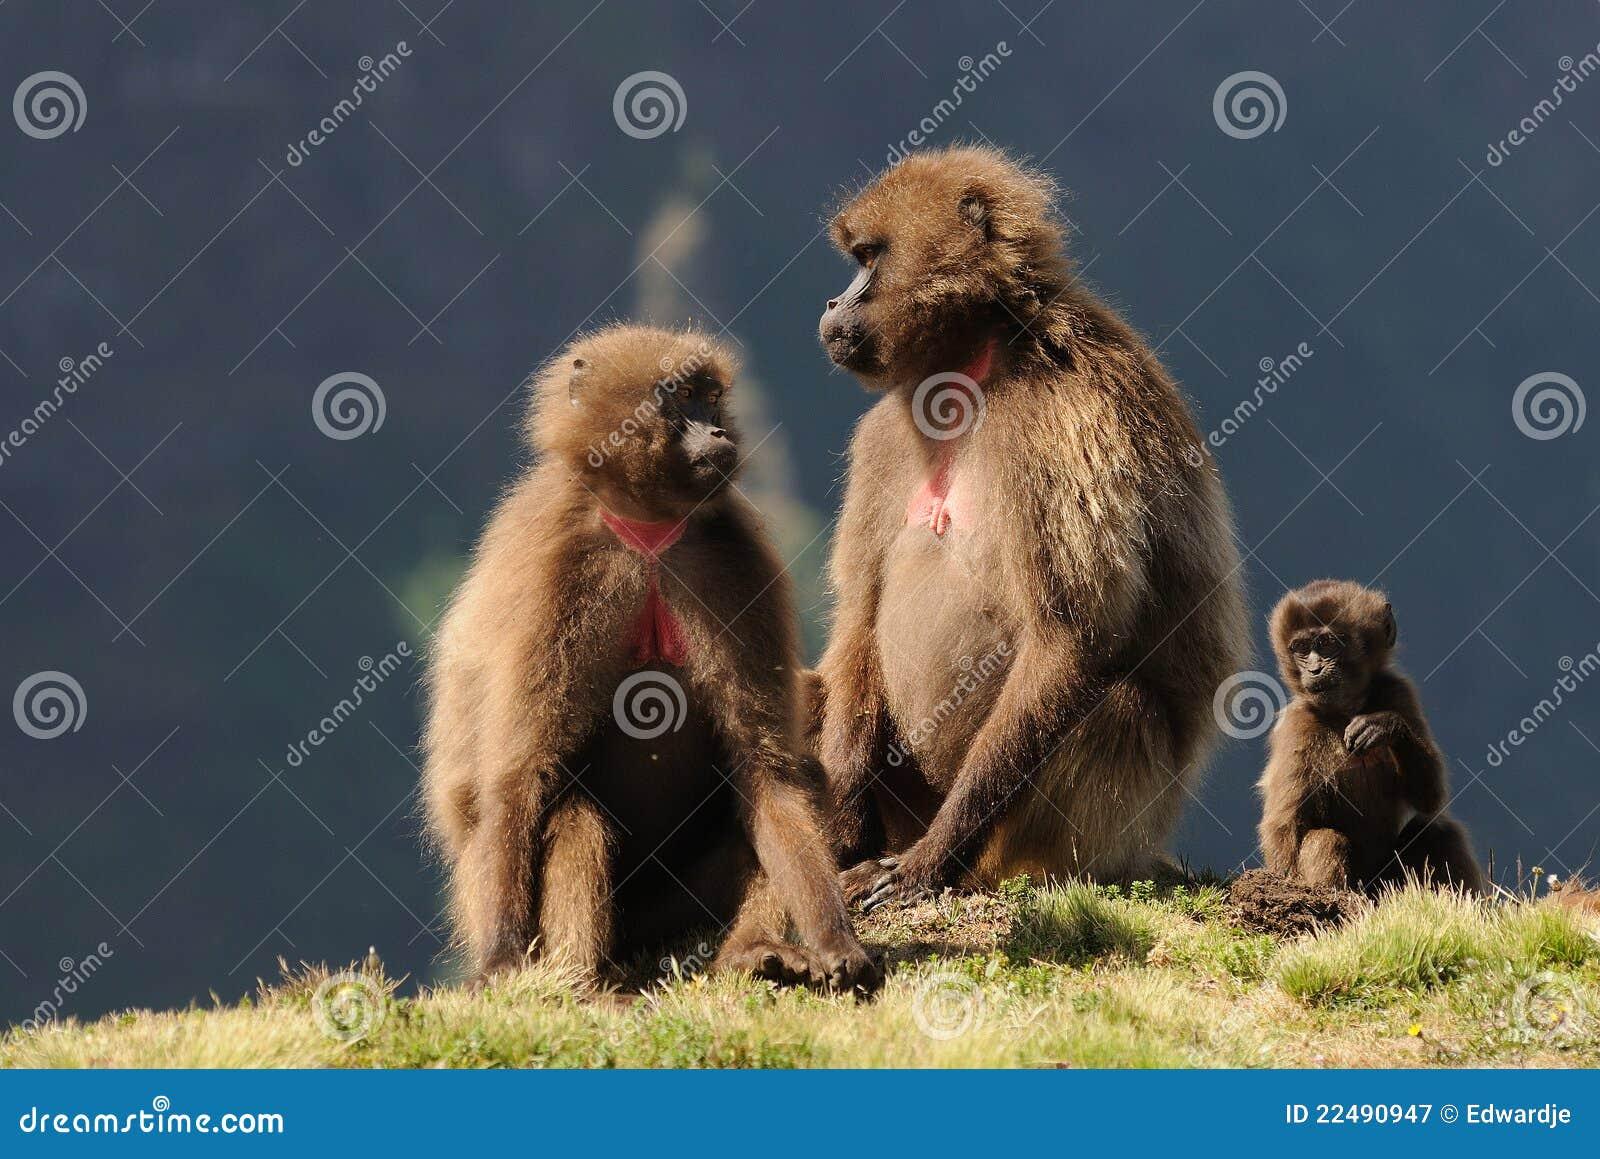 Ethiopian gelada baboons